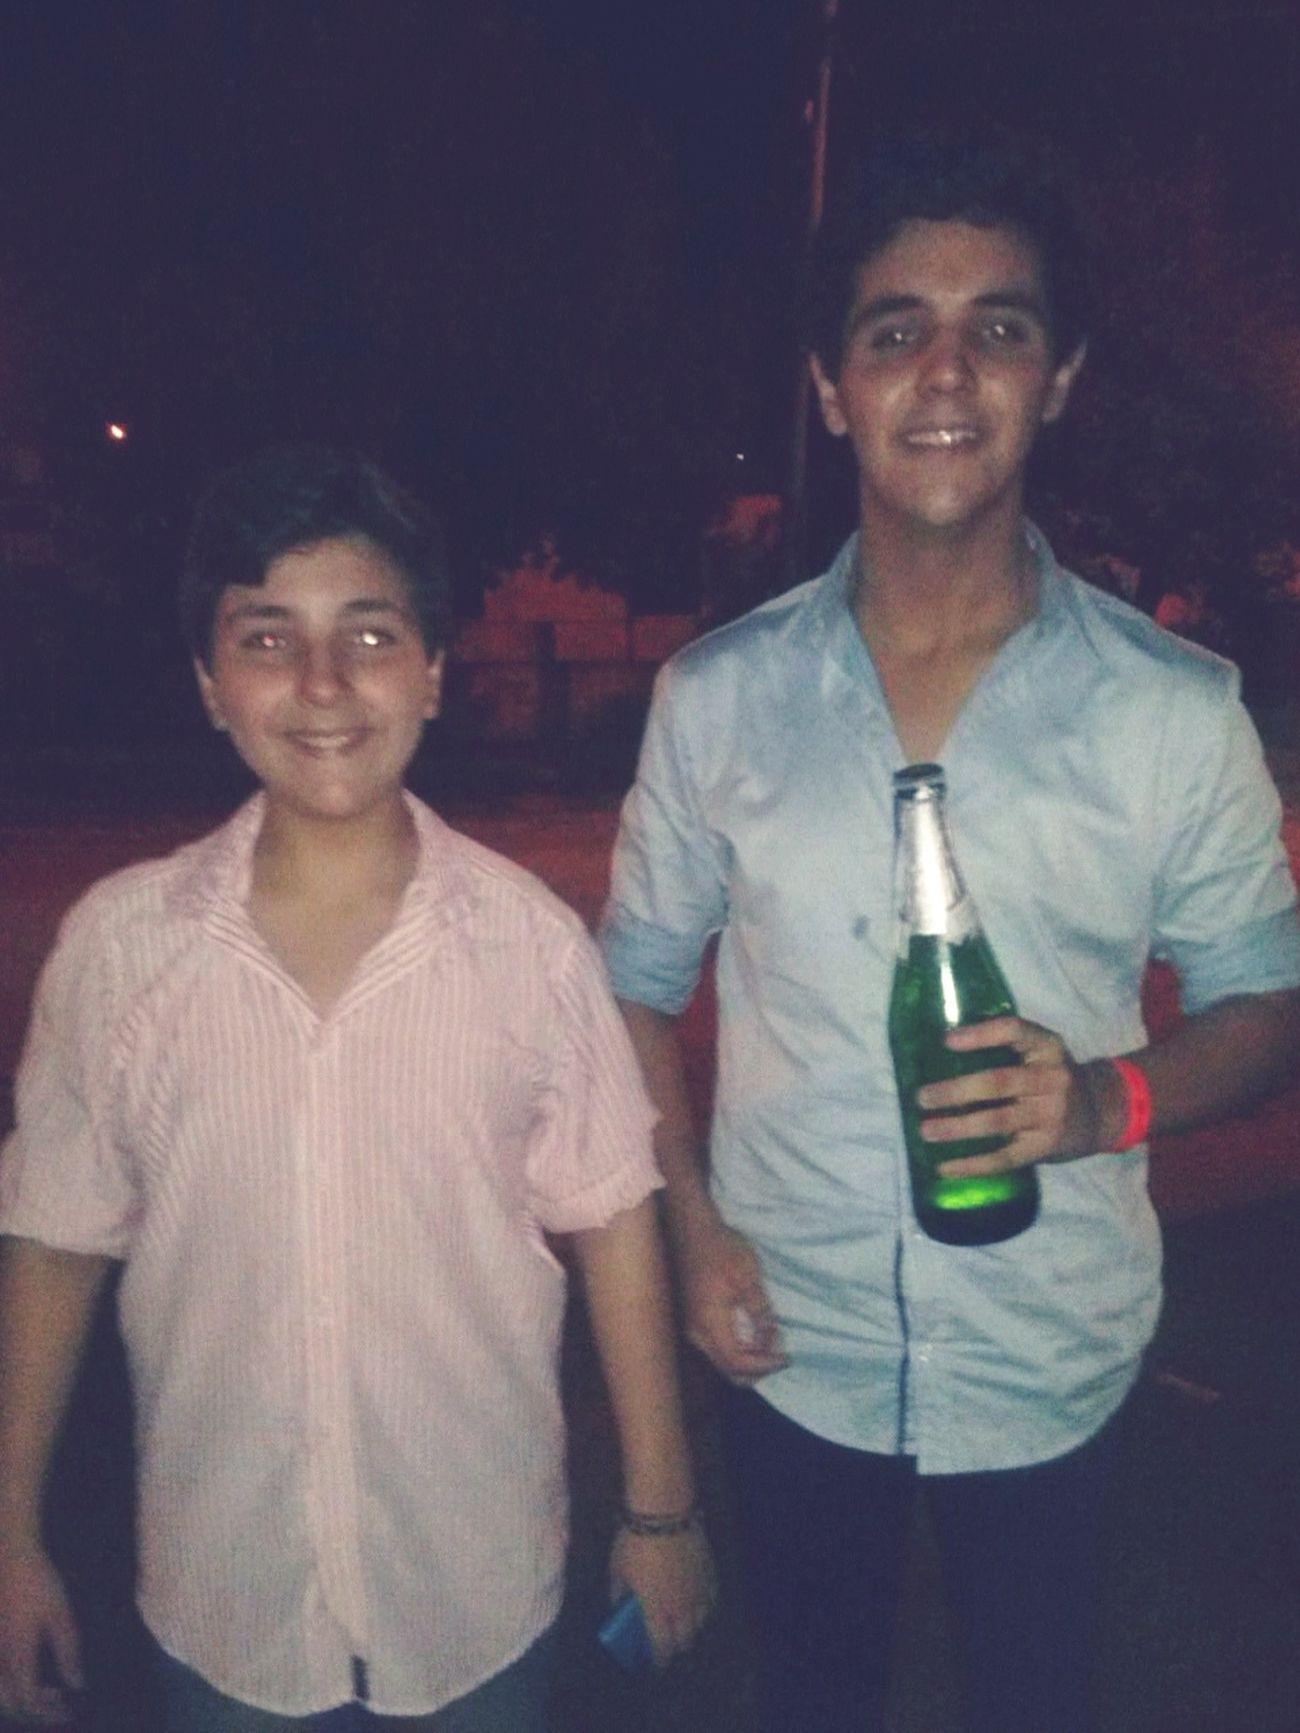 AñoNuevo 2015 Brother